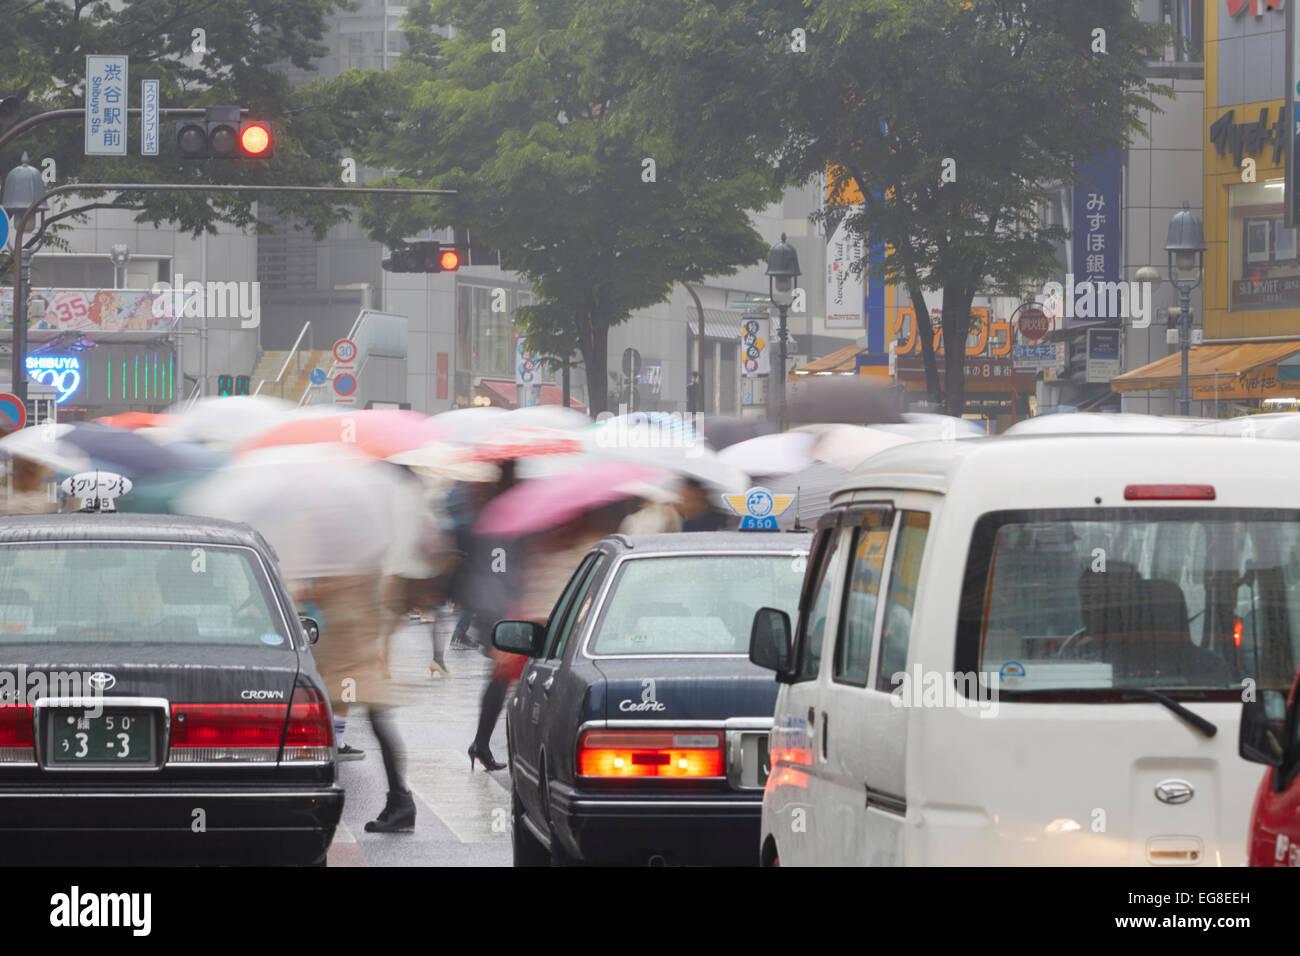 Pendler mit Sonnenschirmen beim Überqueren der Straße an einem regnerischen Tag, Shibuya, Tokyo, Japan Stockbild